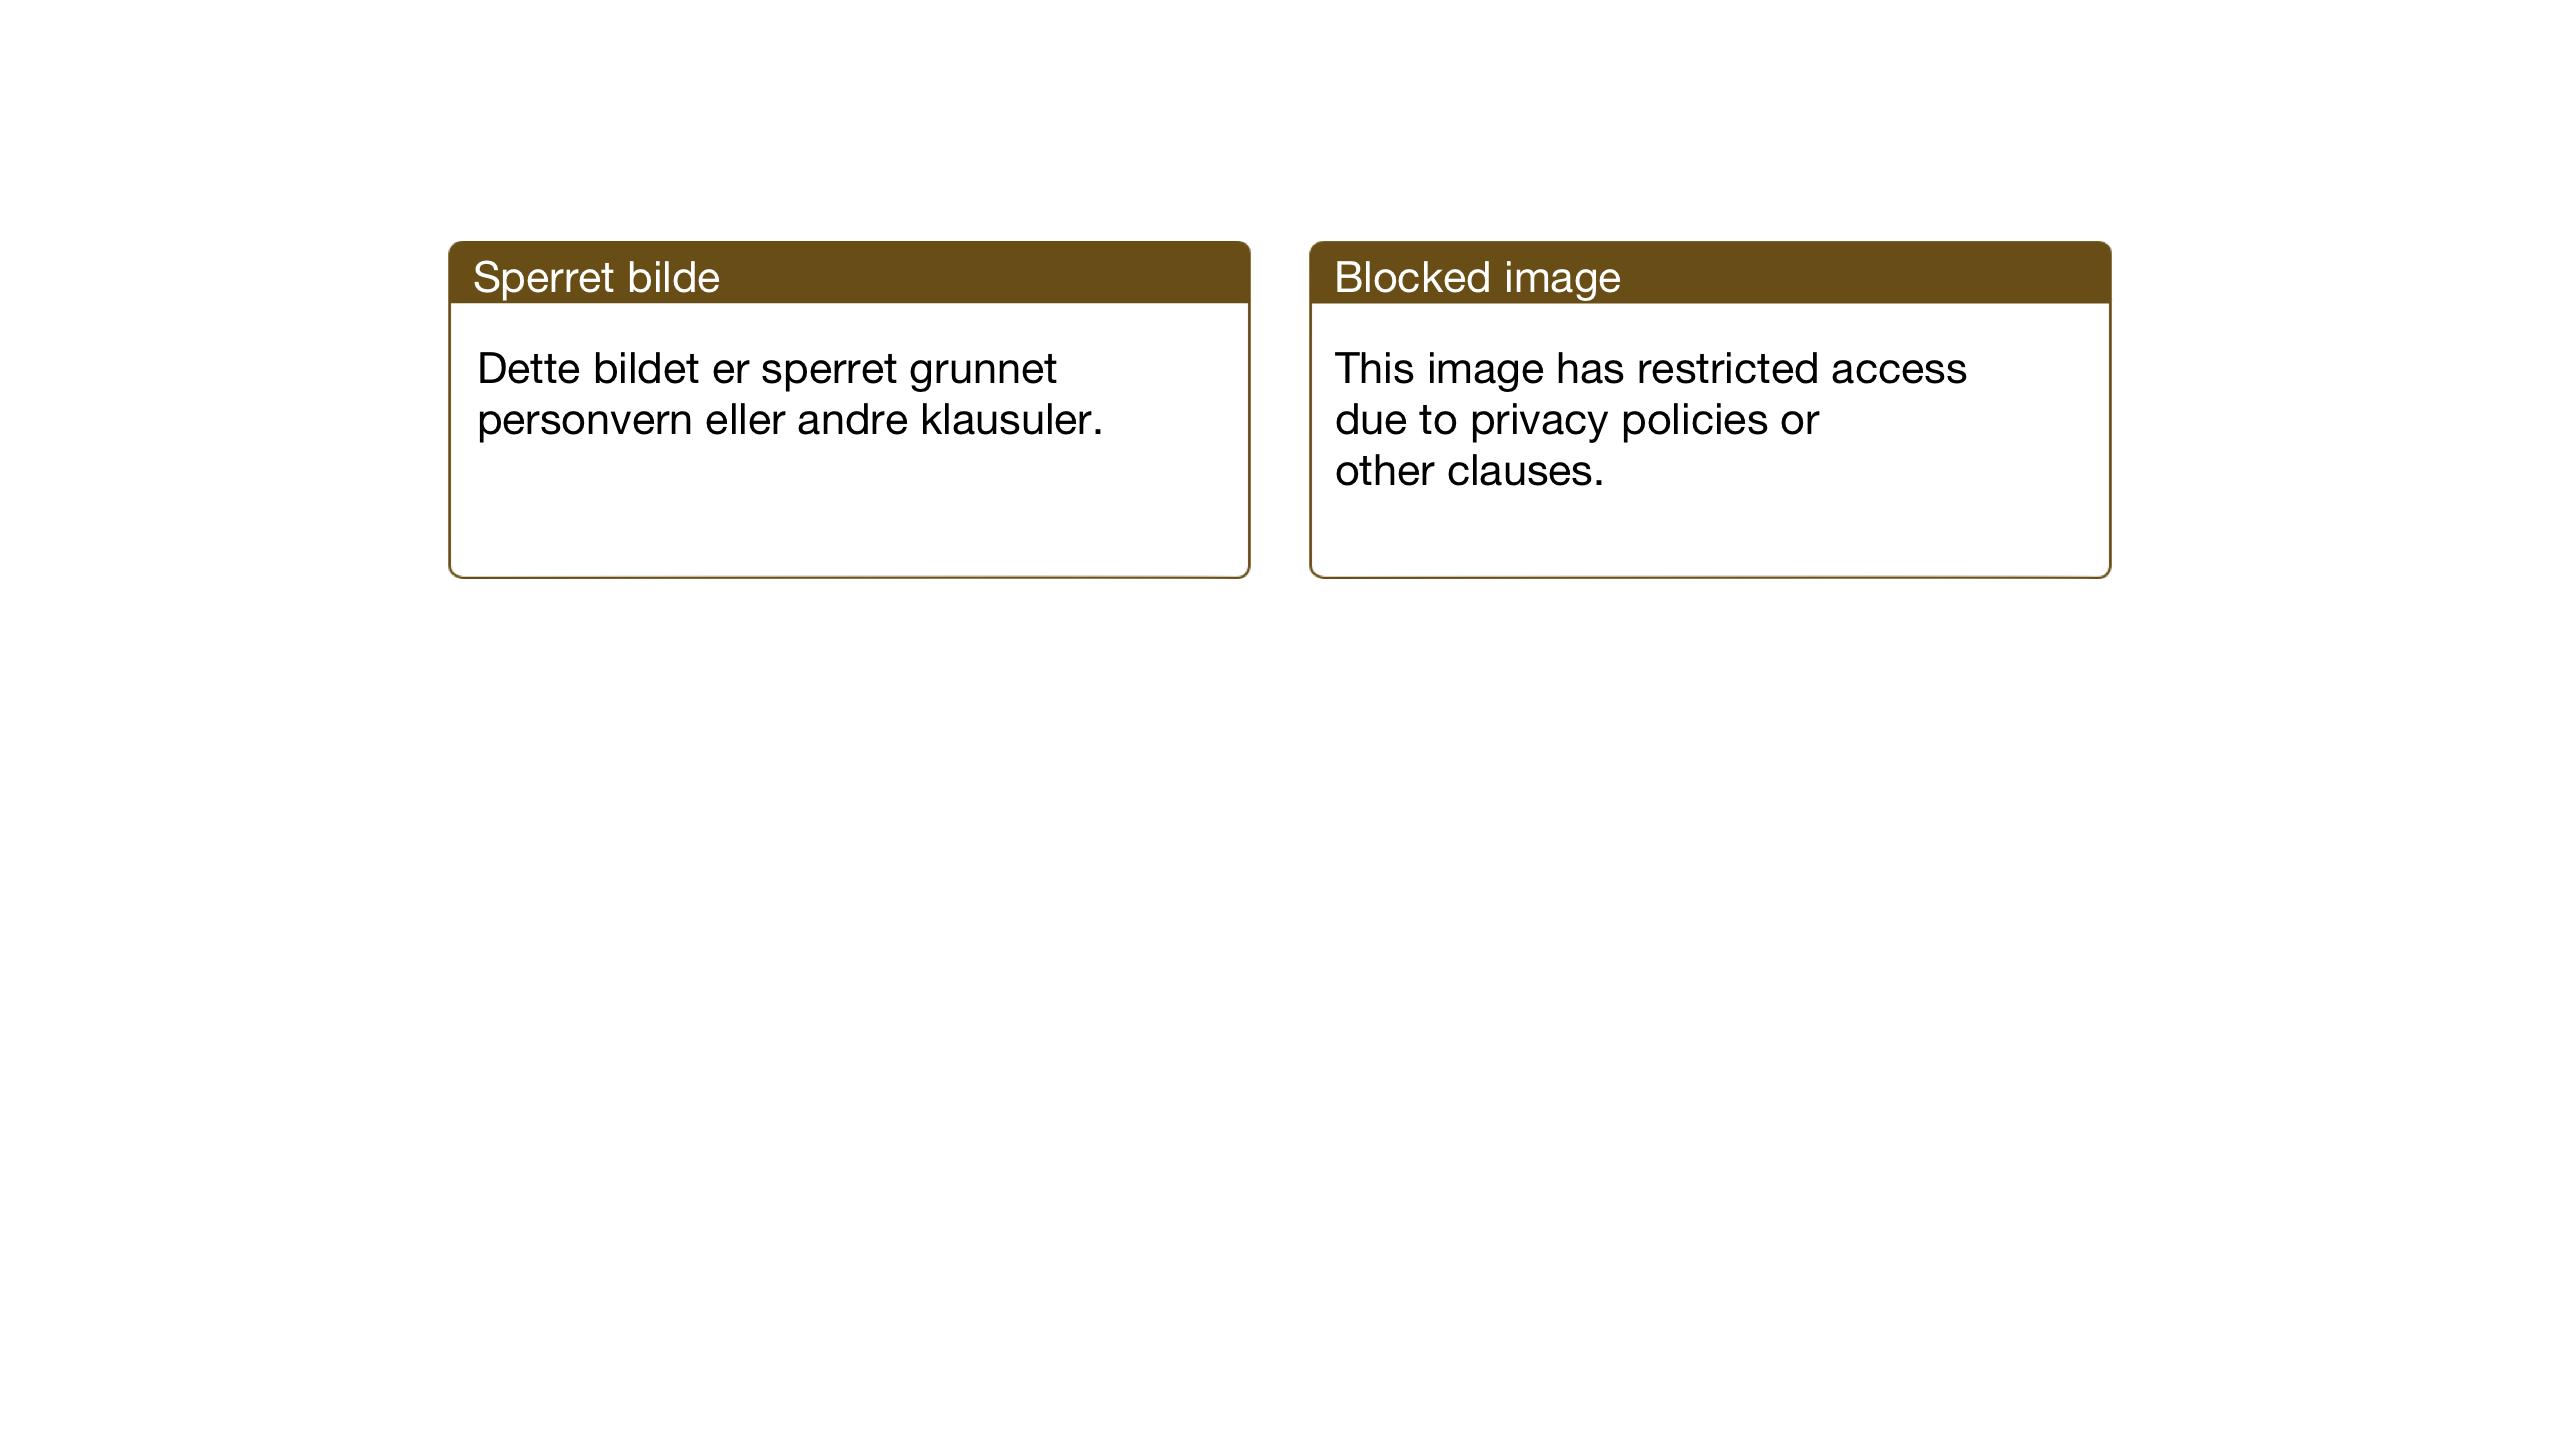 SAT, Ministerialprotokoller, klokkerbøker og fødselsregistre - Nord-Trøndelag, 740/L0383: Klokkerbok nr. 740C04, 1927-1939, s. 42